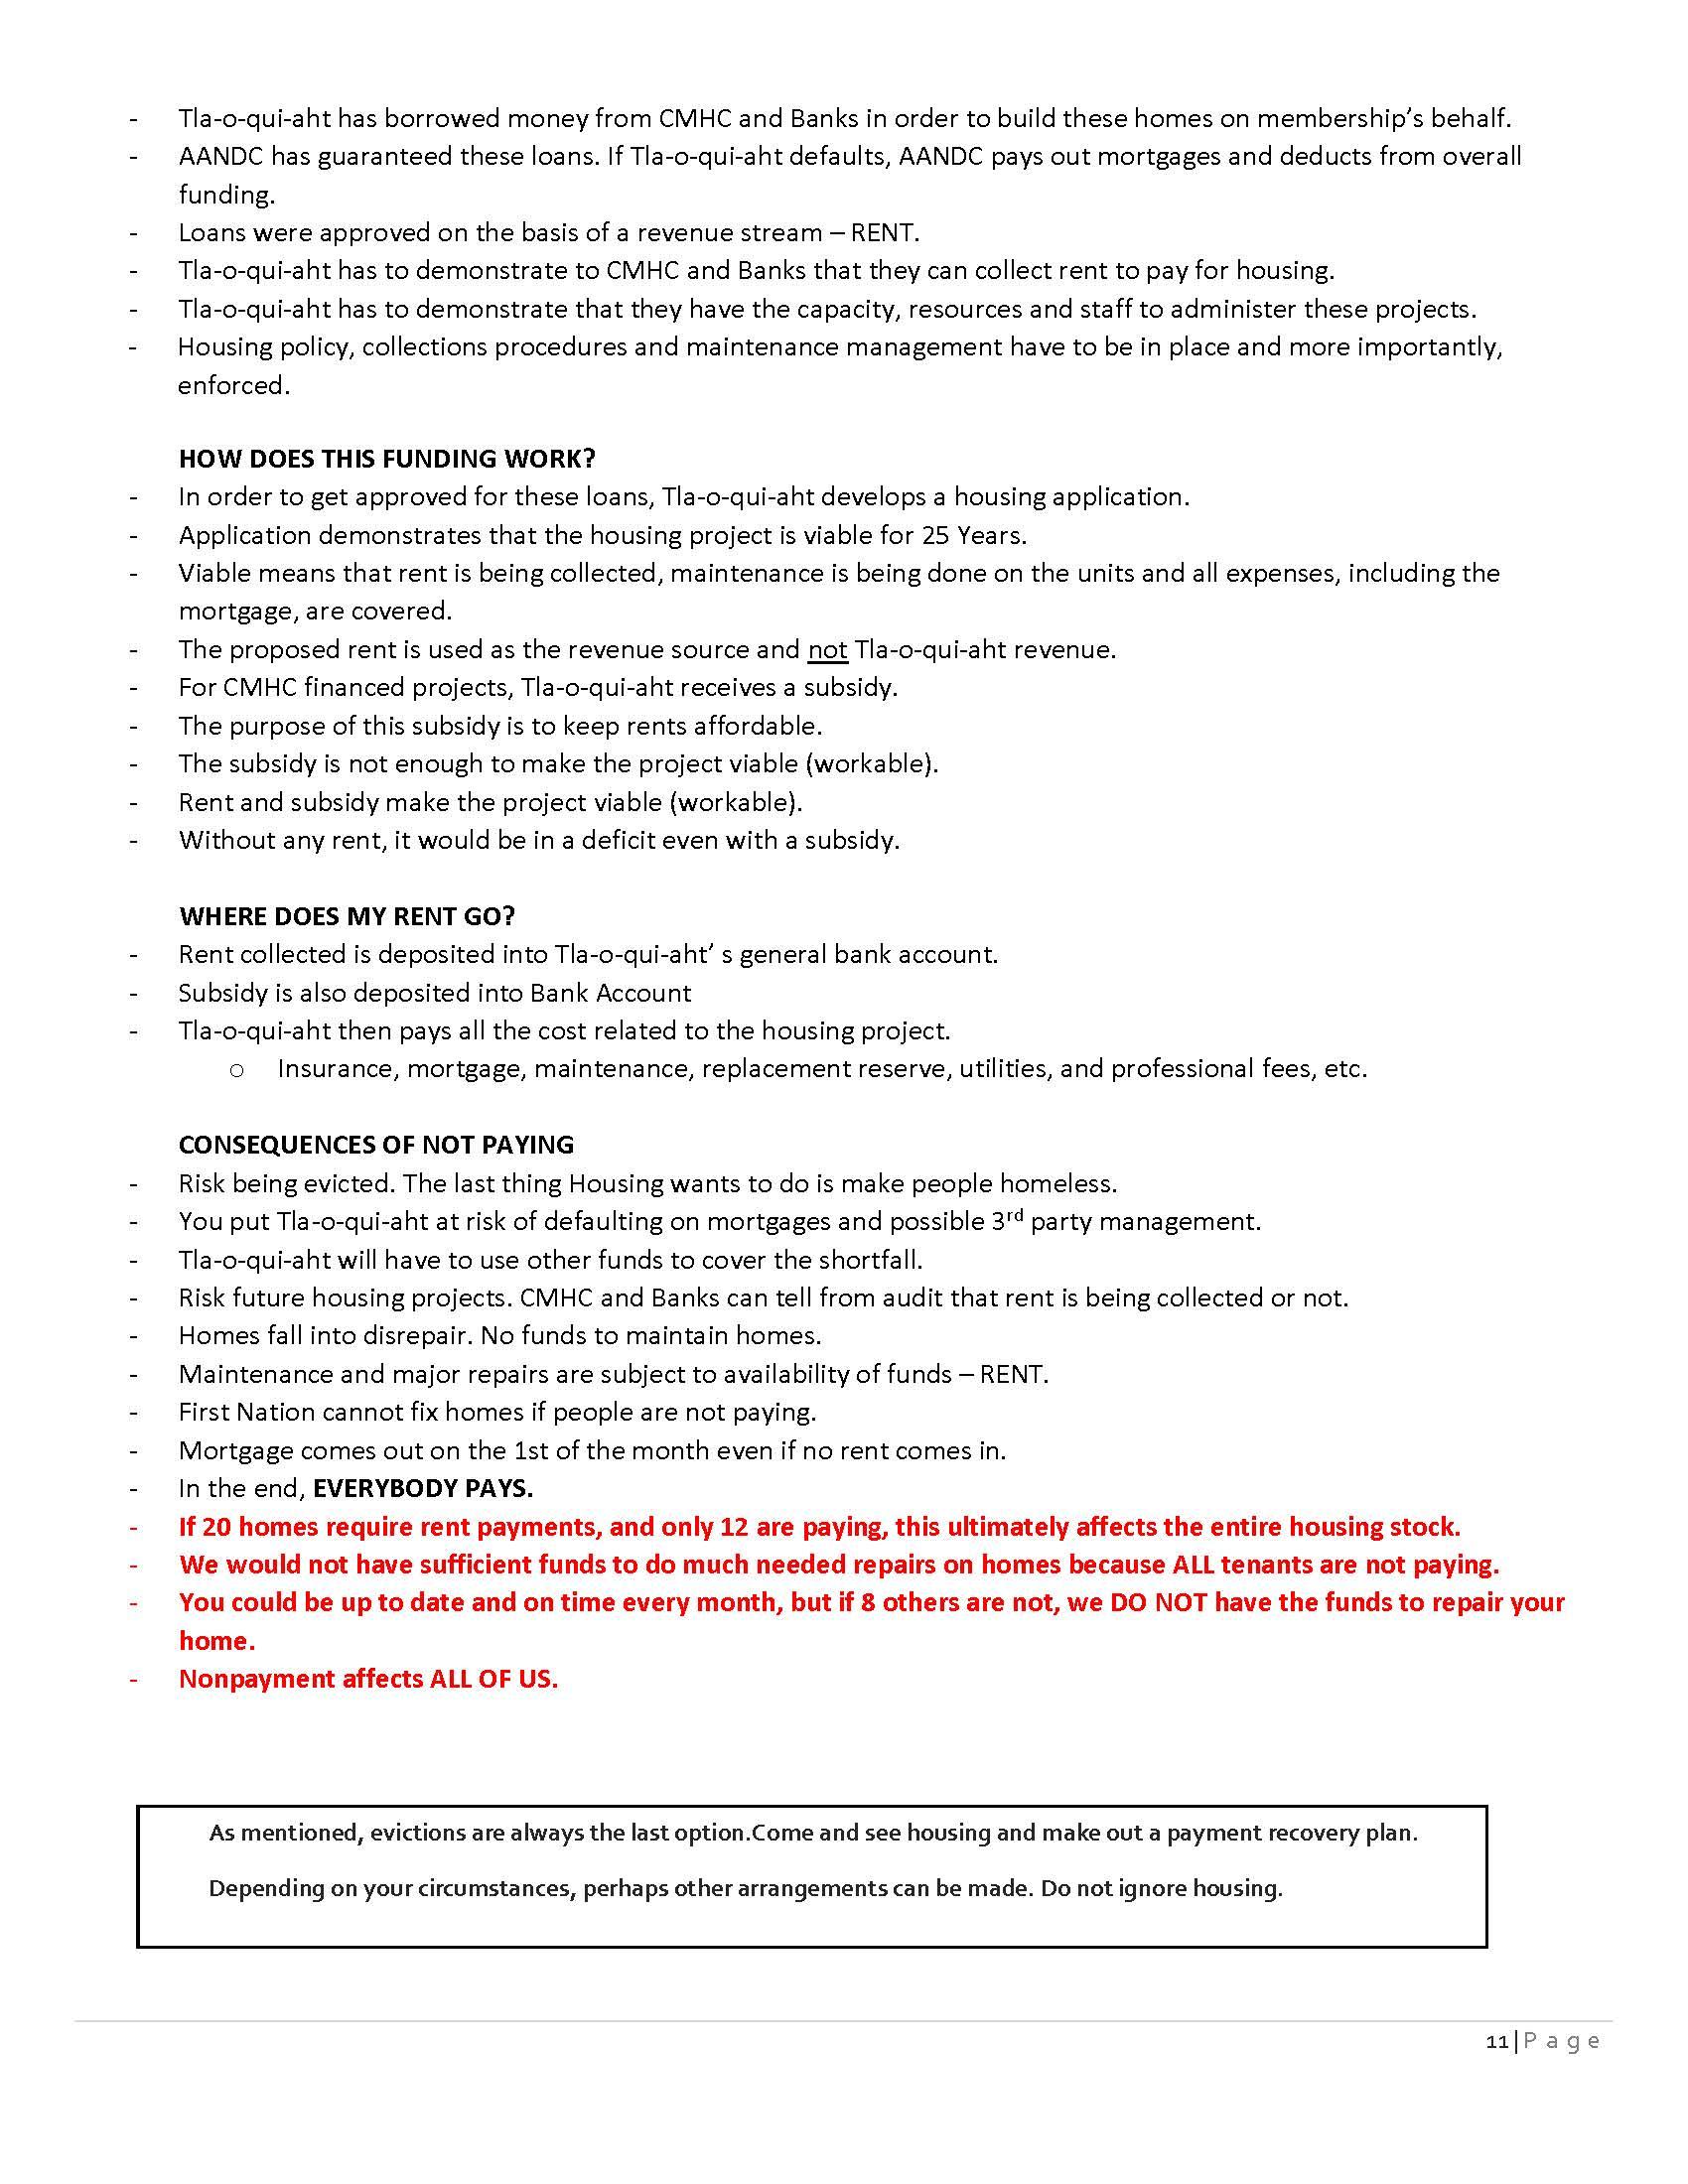 TFN Bulletin Dec 01 2016 (3)_Page_11.jpg